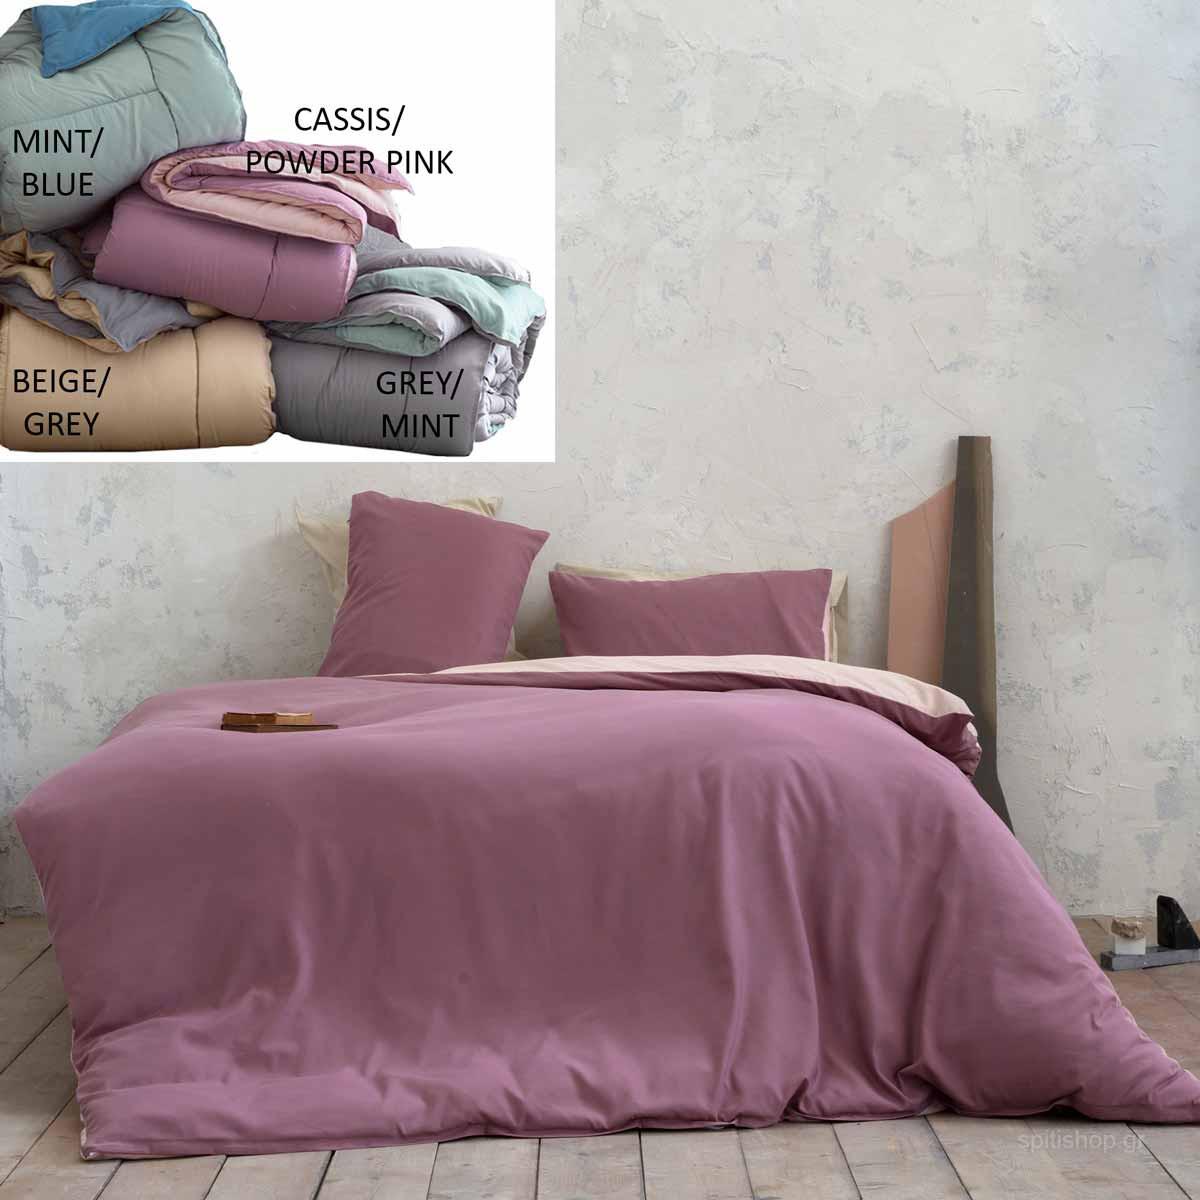 Πάπλωμα Υπέρδιπλο 2 Όψεων Nima Bed Linen Abalone AW2020